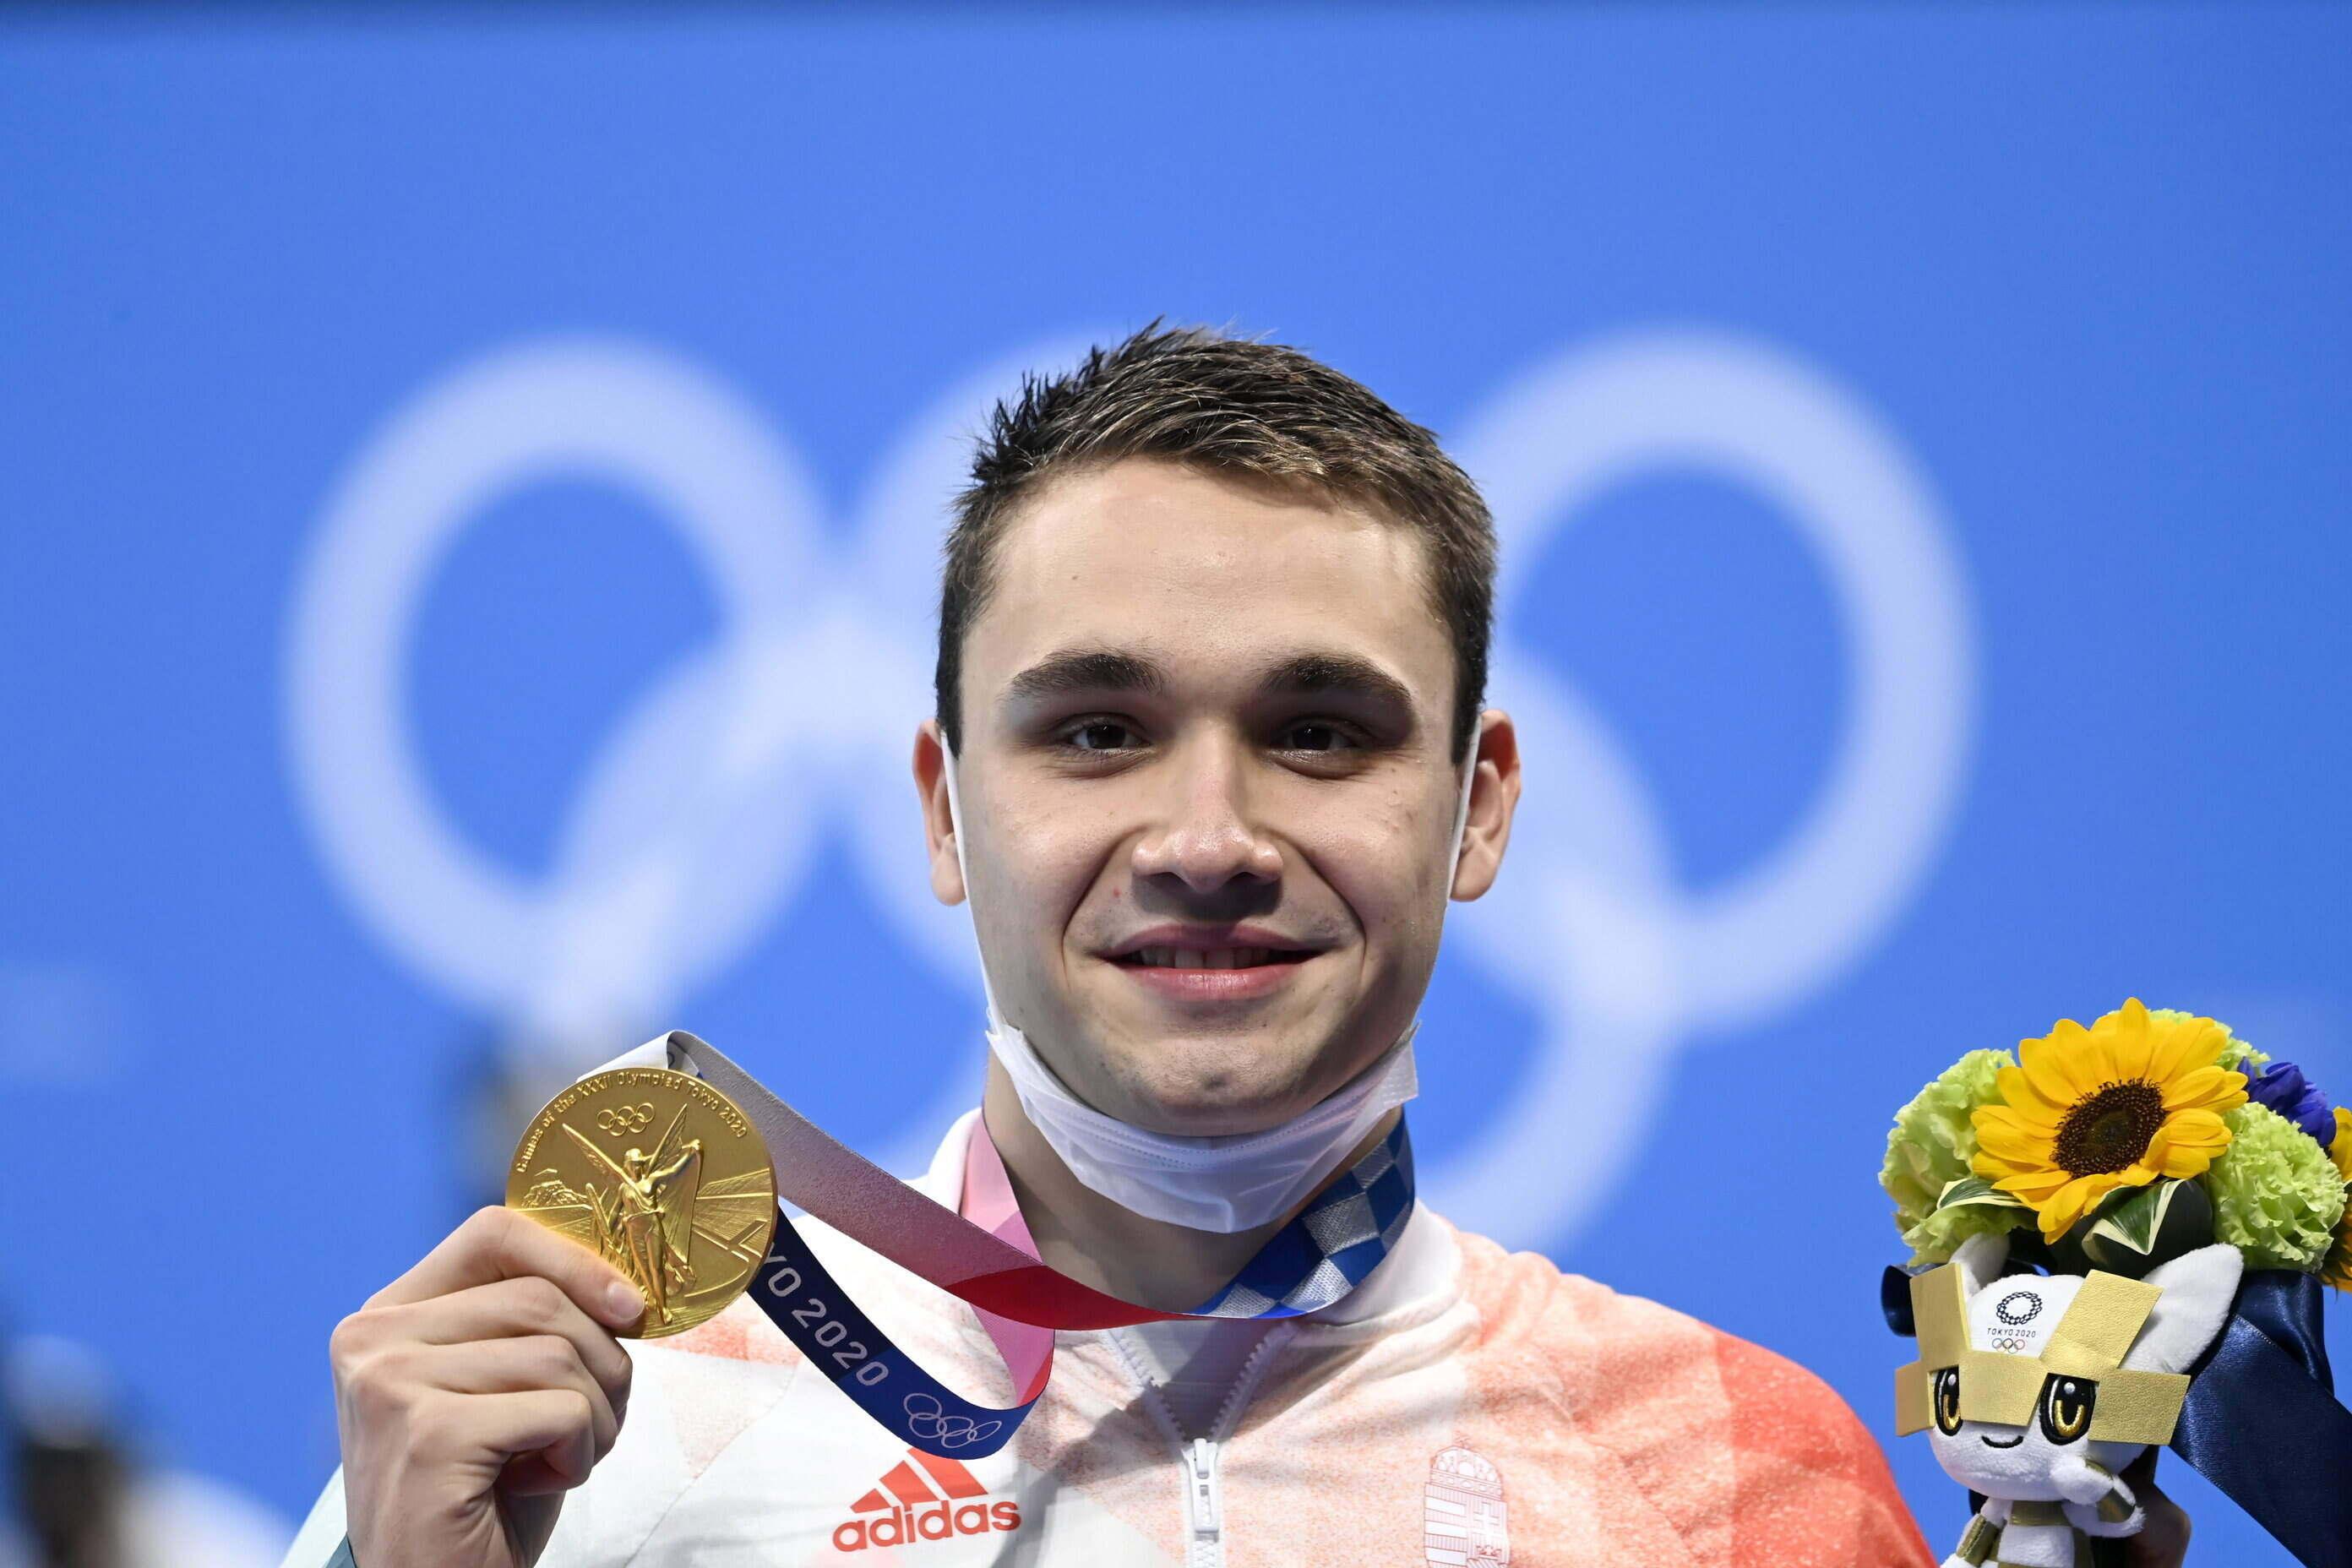 milák olympic gold